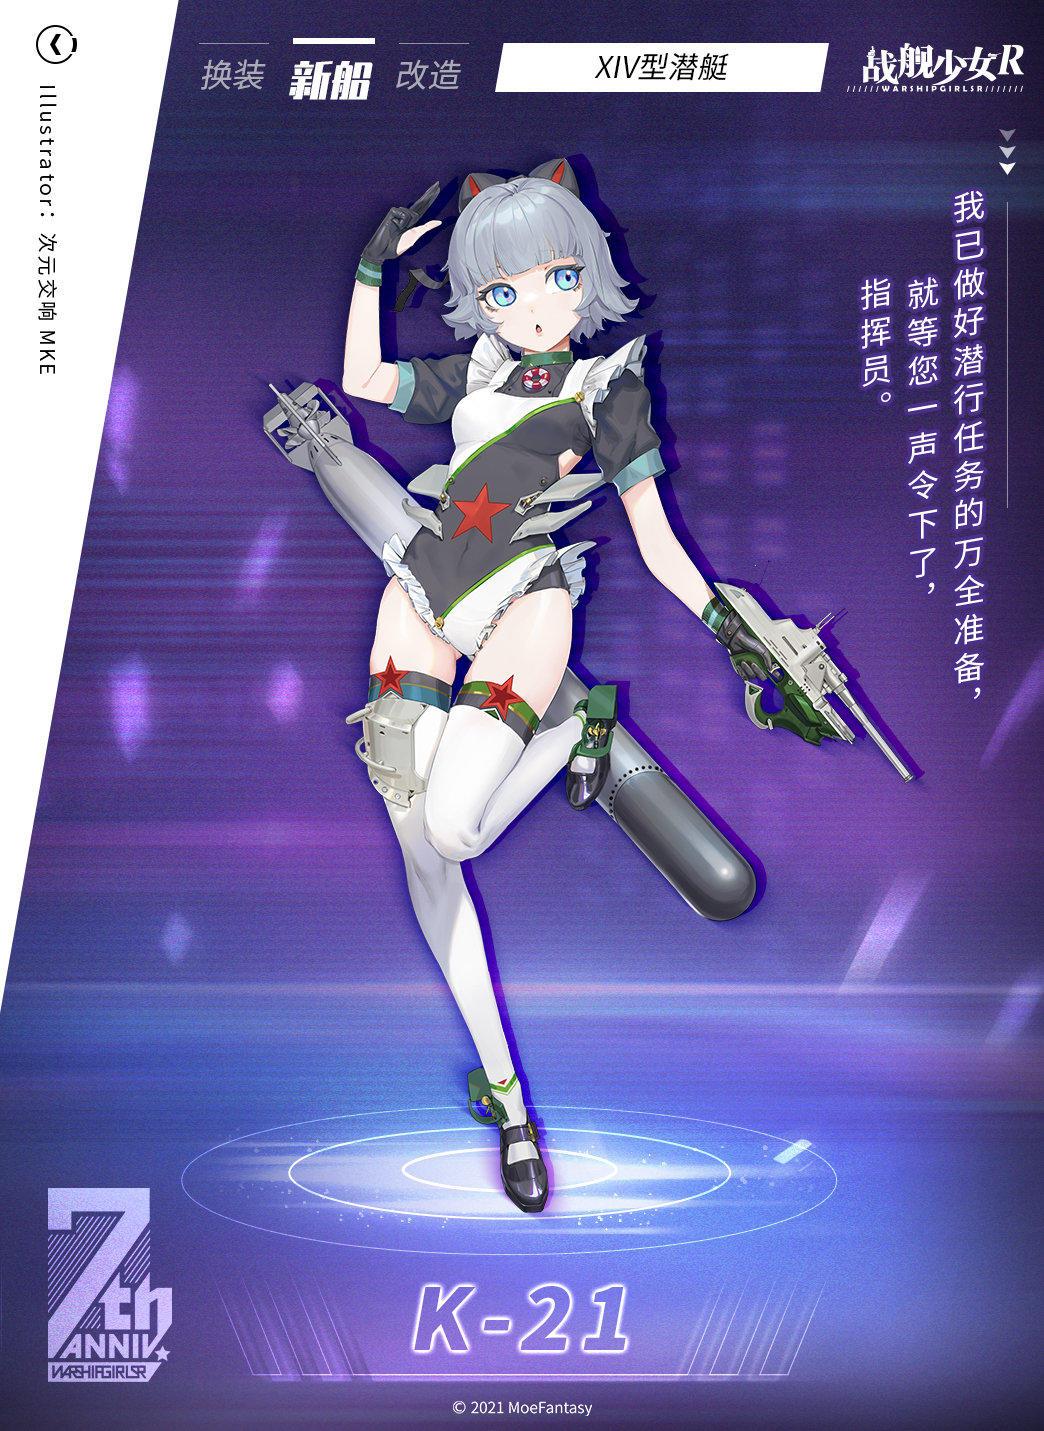 K-21  / XIV型潜艇 —— 新船预告